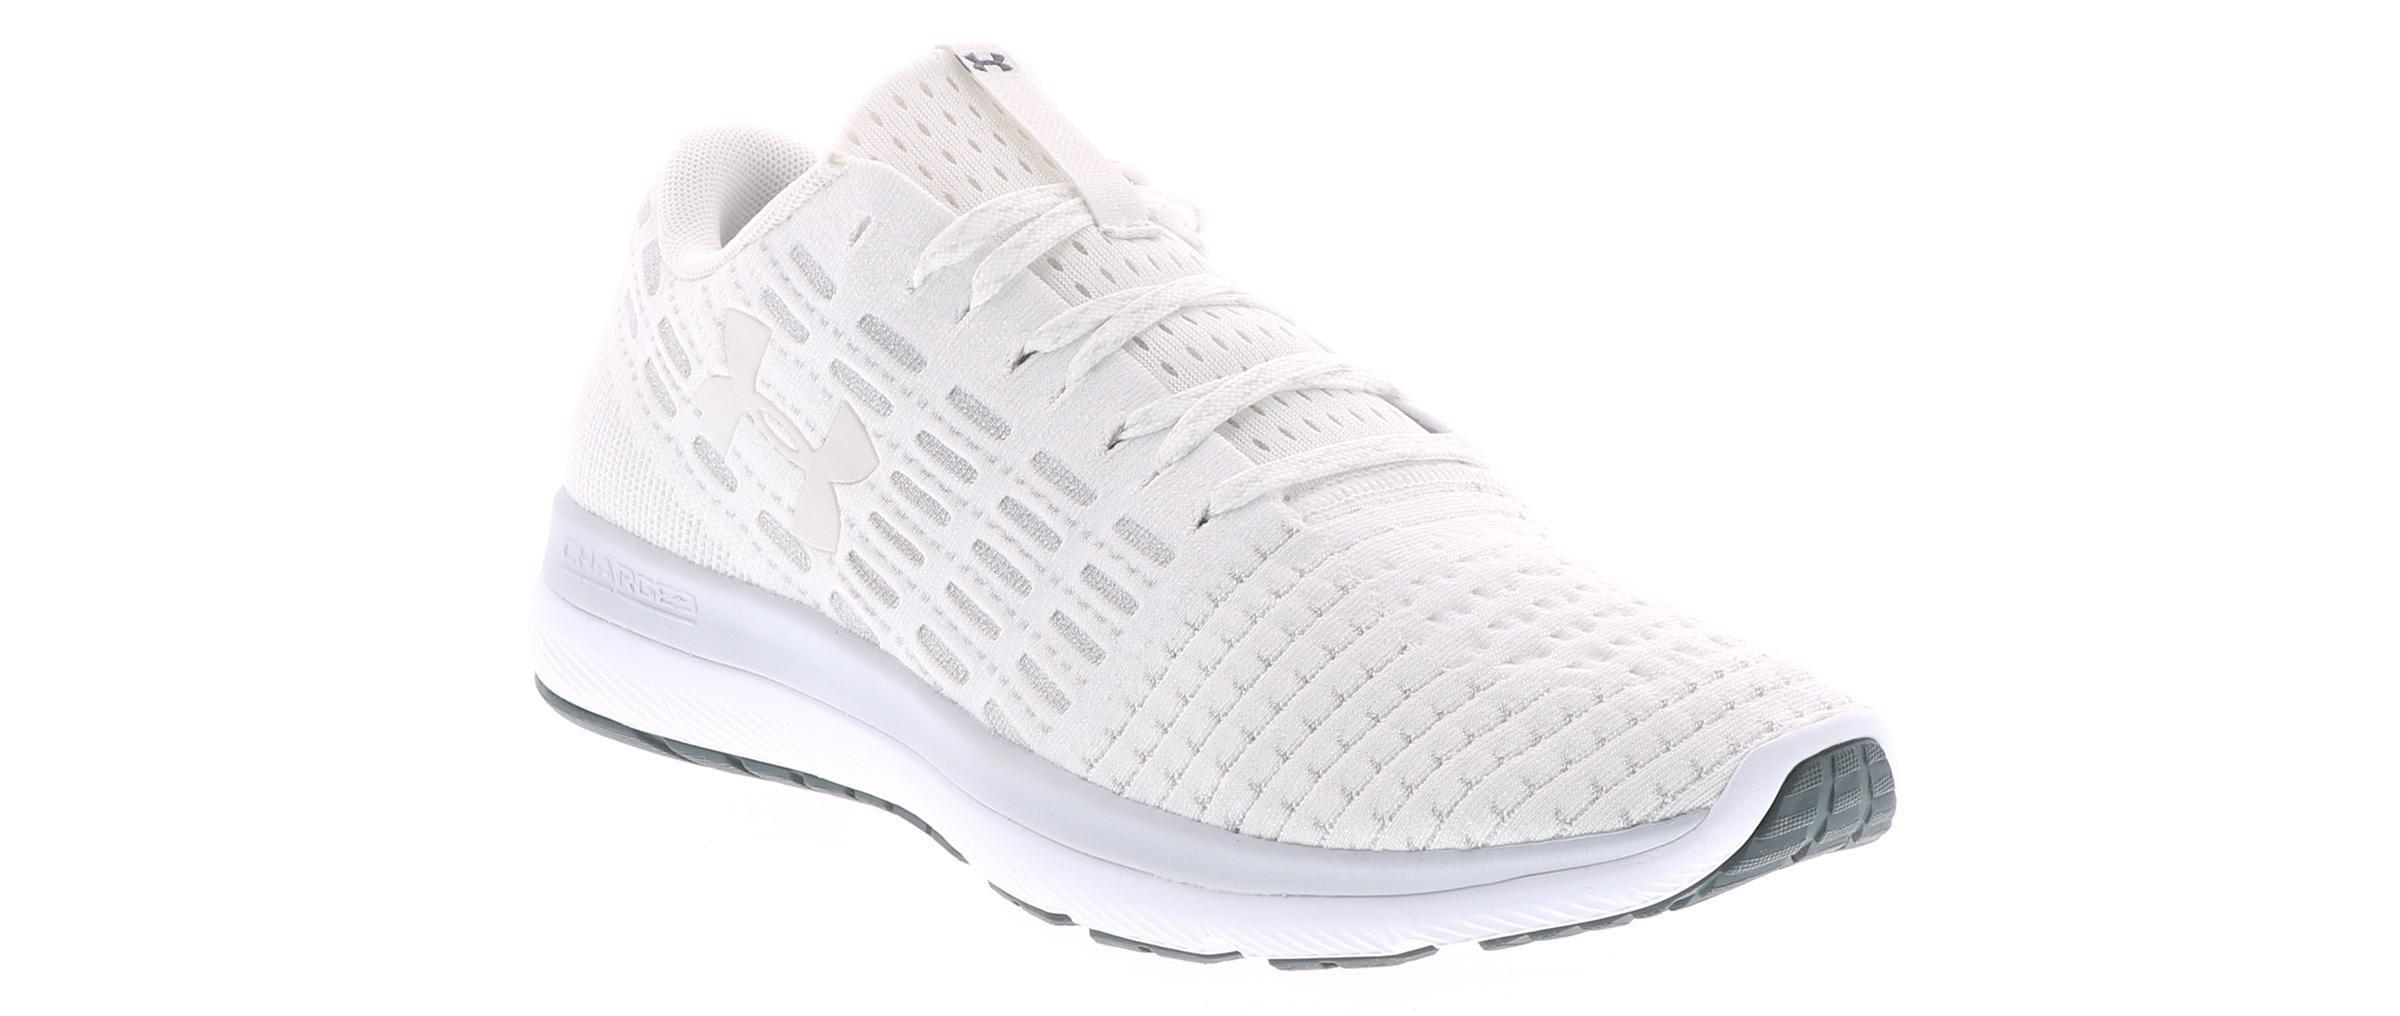 big sale d6121 cf35d UNDER ARMOUR Men's Under Armour Slingflex Running Shoes Shoe ...